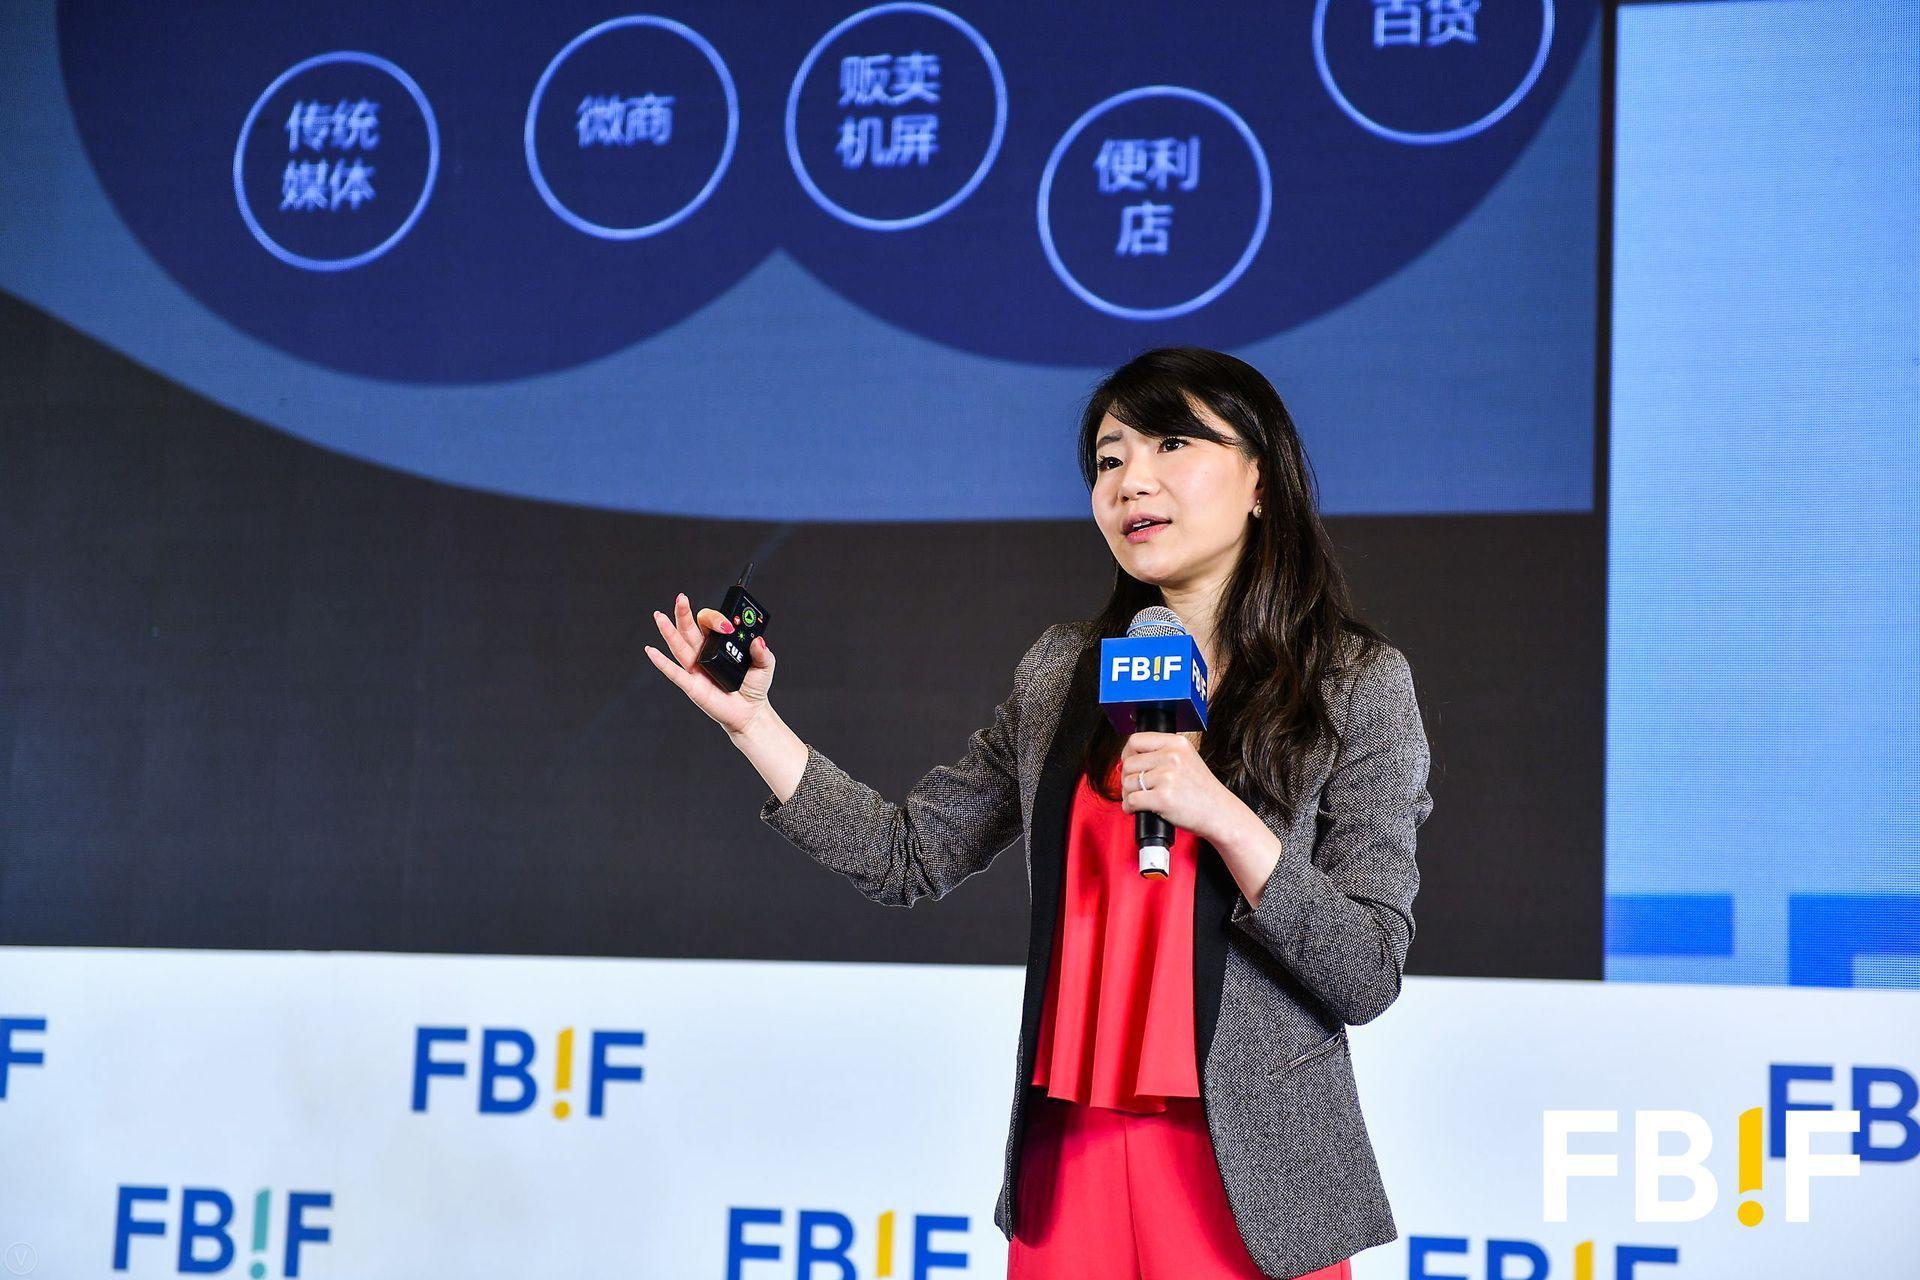 范奕_2018FBIF食品饮料创新论坛·慧聪食品工业网专题